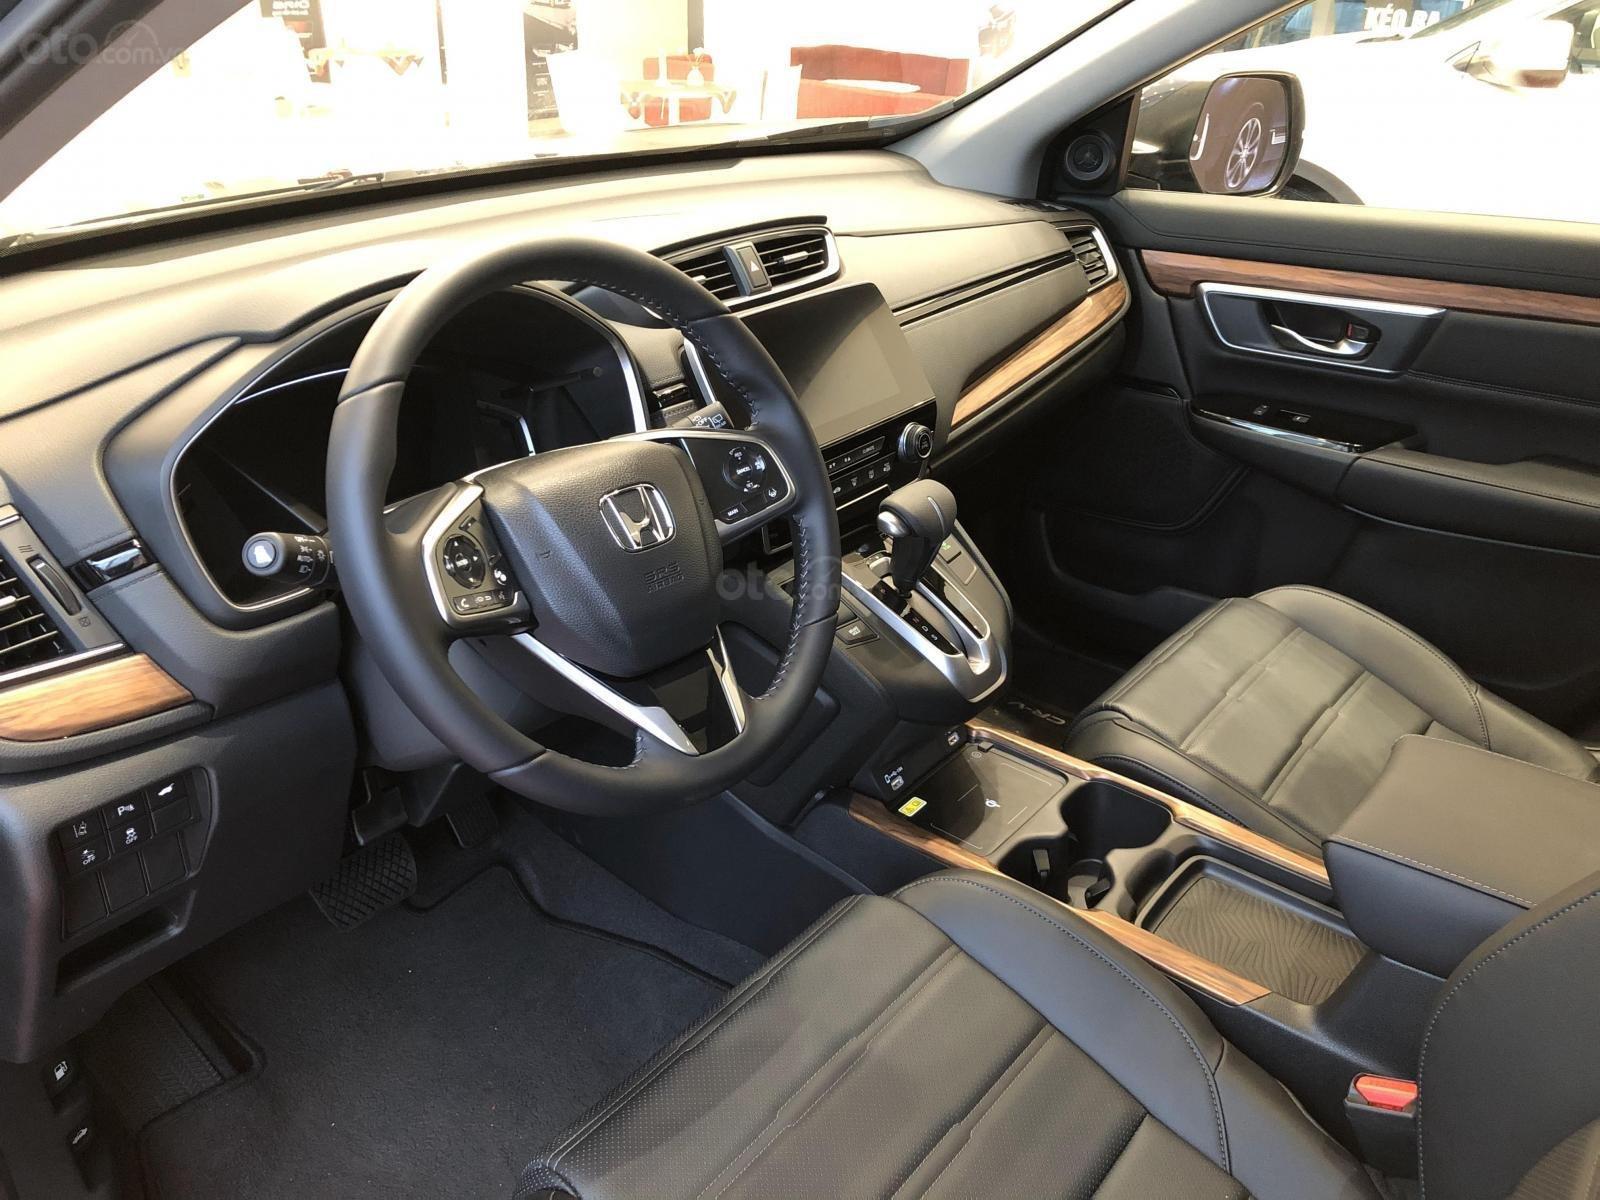 Honda CRV giá tốt miền Bắc - ưu đãi khủng tặng ngay tiền mặt + phụ kiện lên tới 140tr, trả góp 85% lãi suất ưu đãi (6)